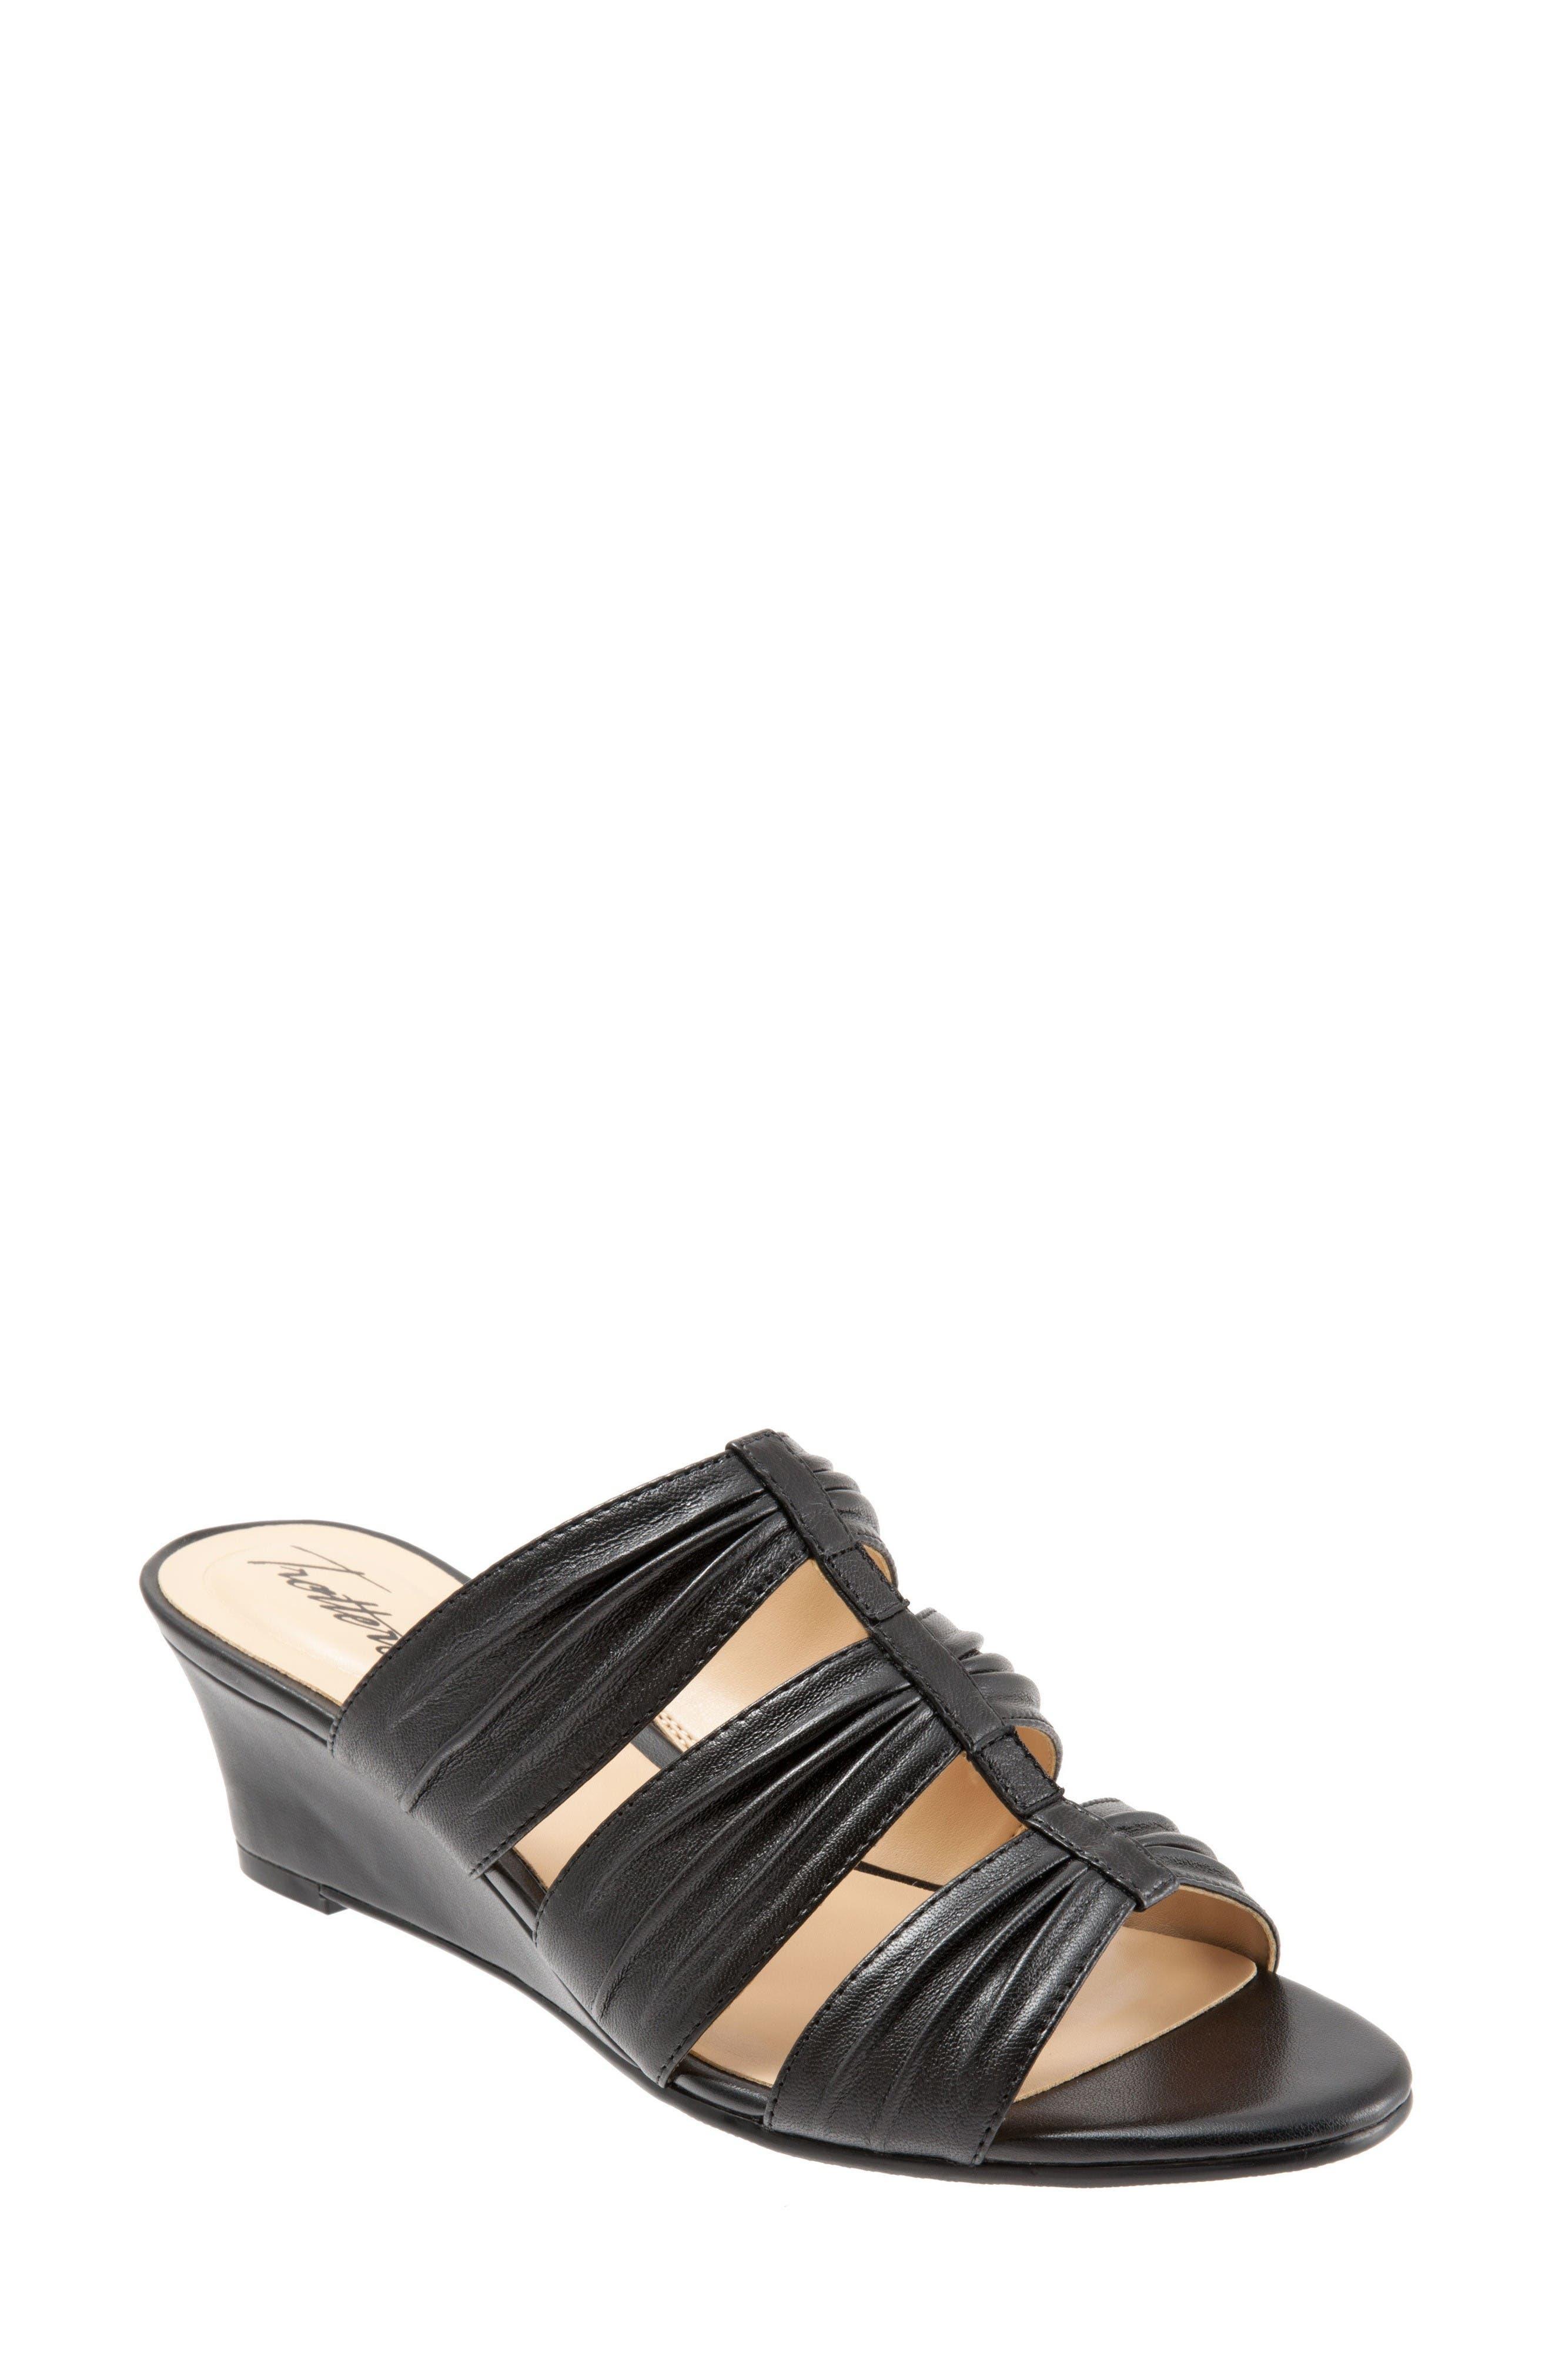 Trotters Mia Wedge Sandal C5n7sX